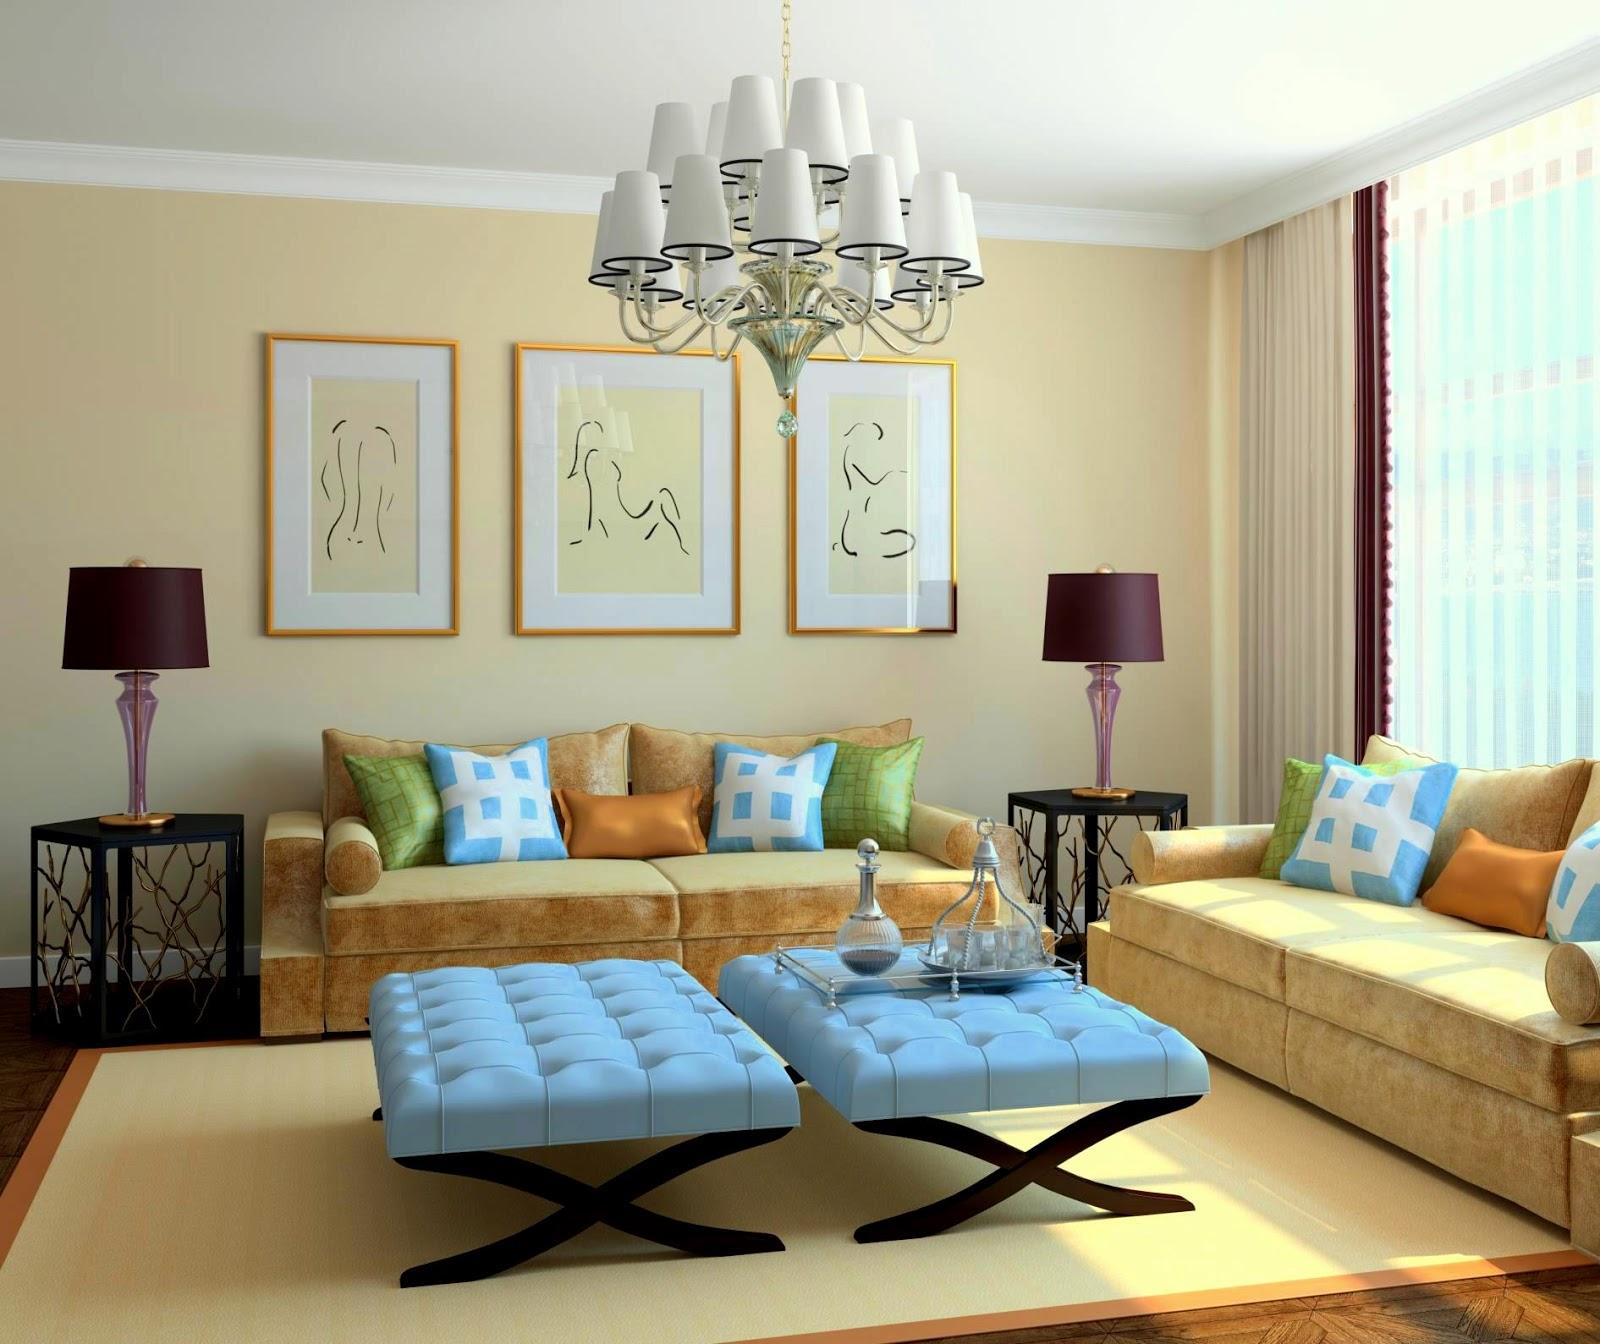 Image Result For Ruang Keluarga Mewah